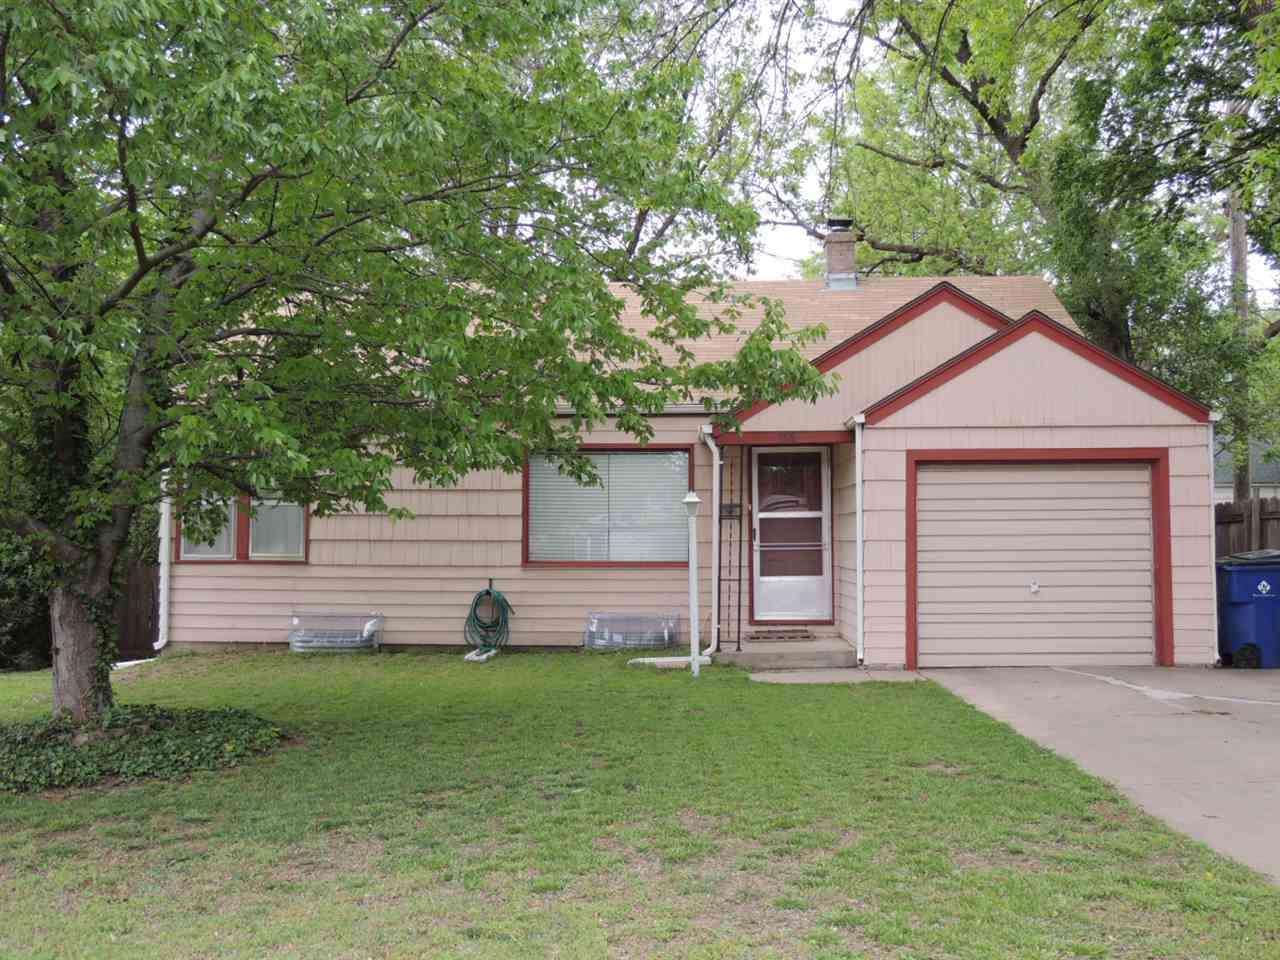 3318 E Penley Dr, Wichita, KS 67218